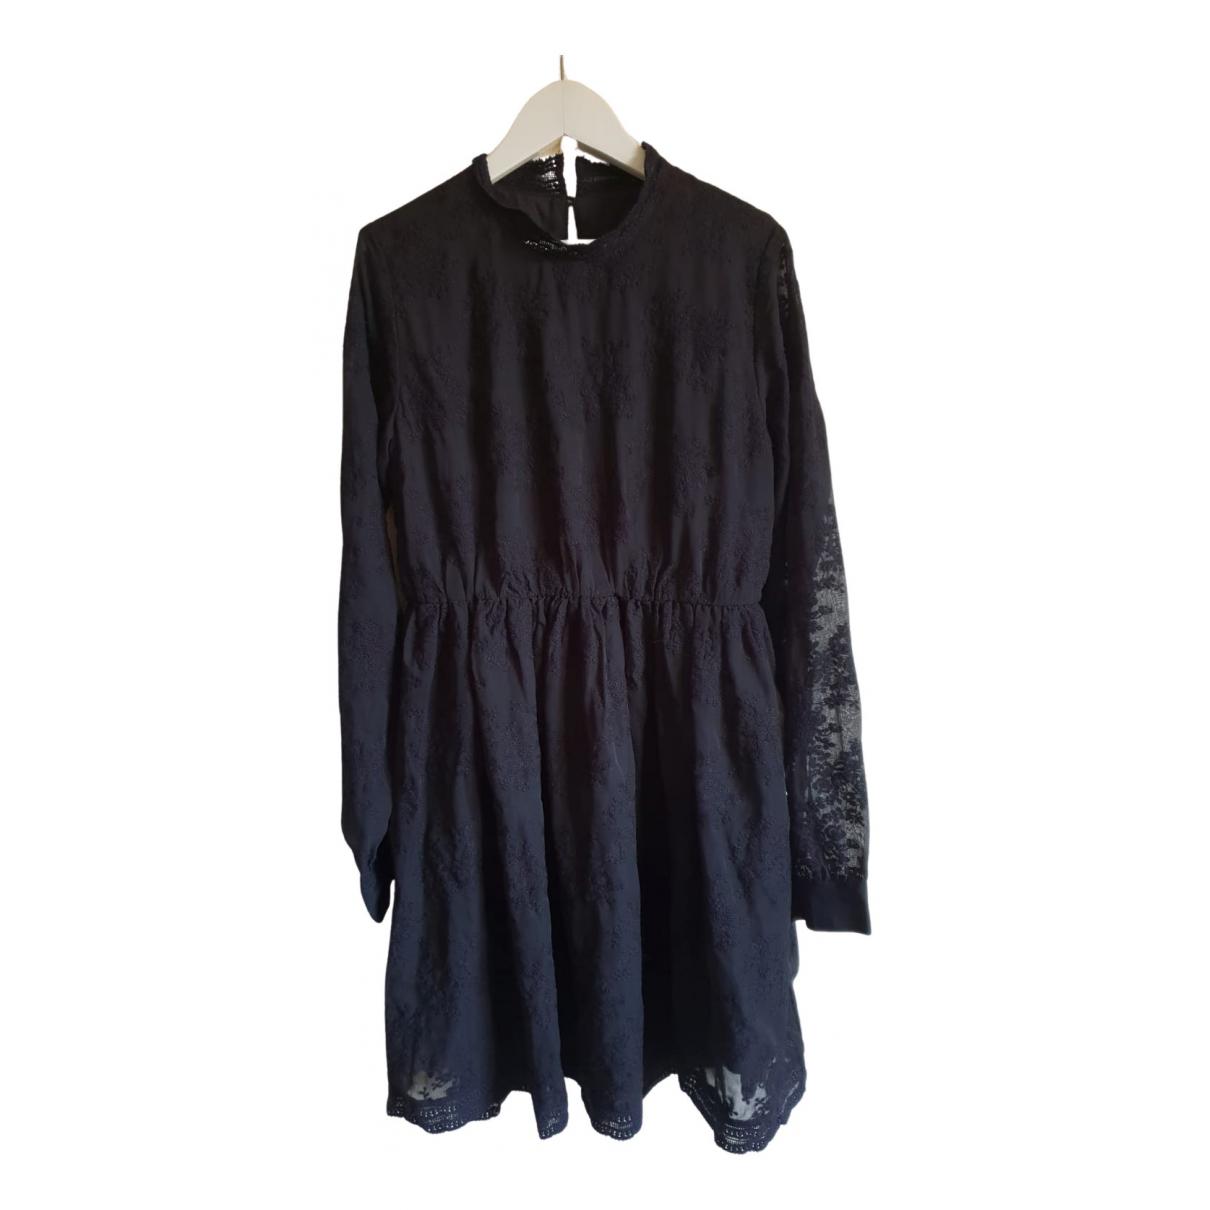 Eleven Paris \N Kleid in  Schwarz Baumwolle